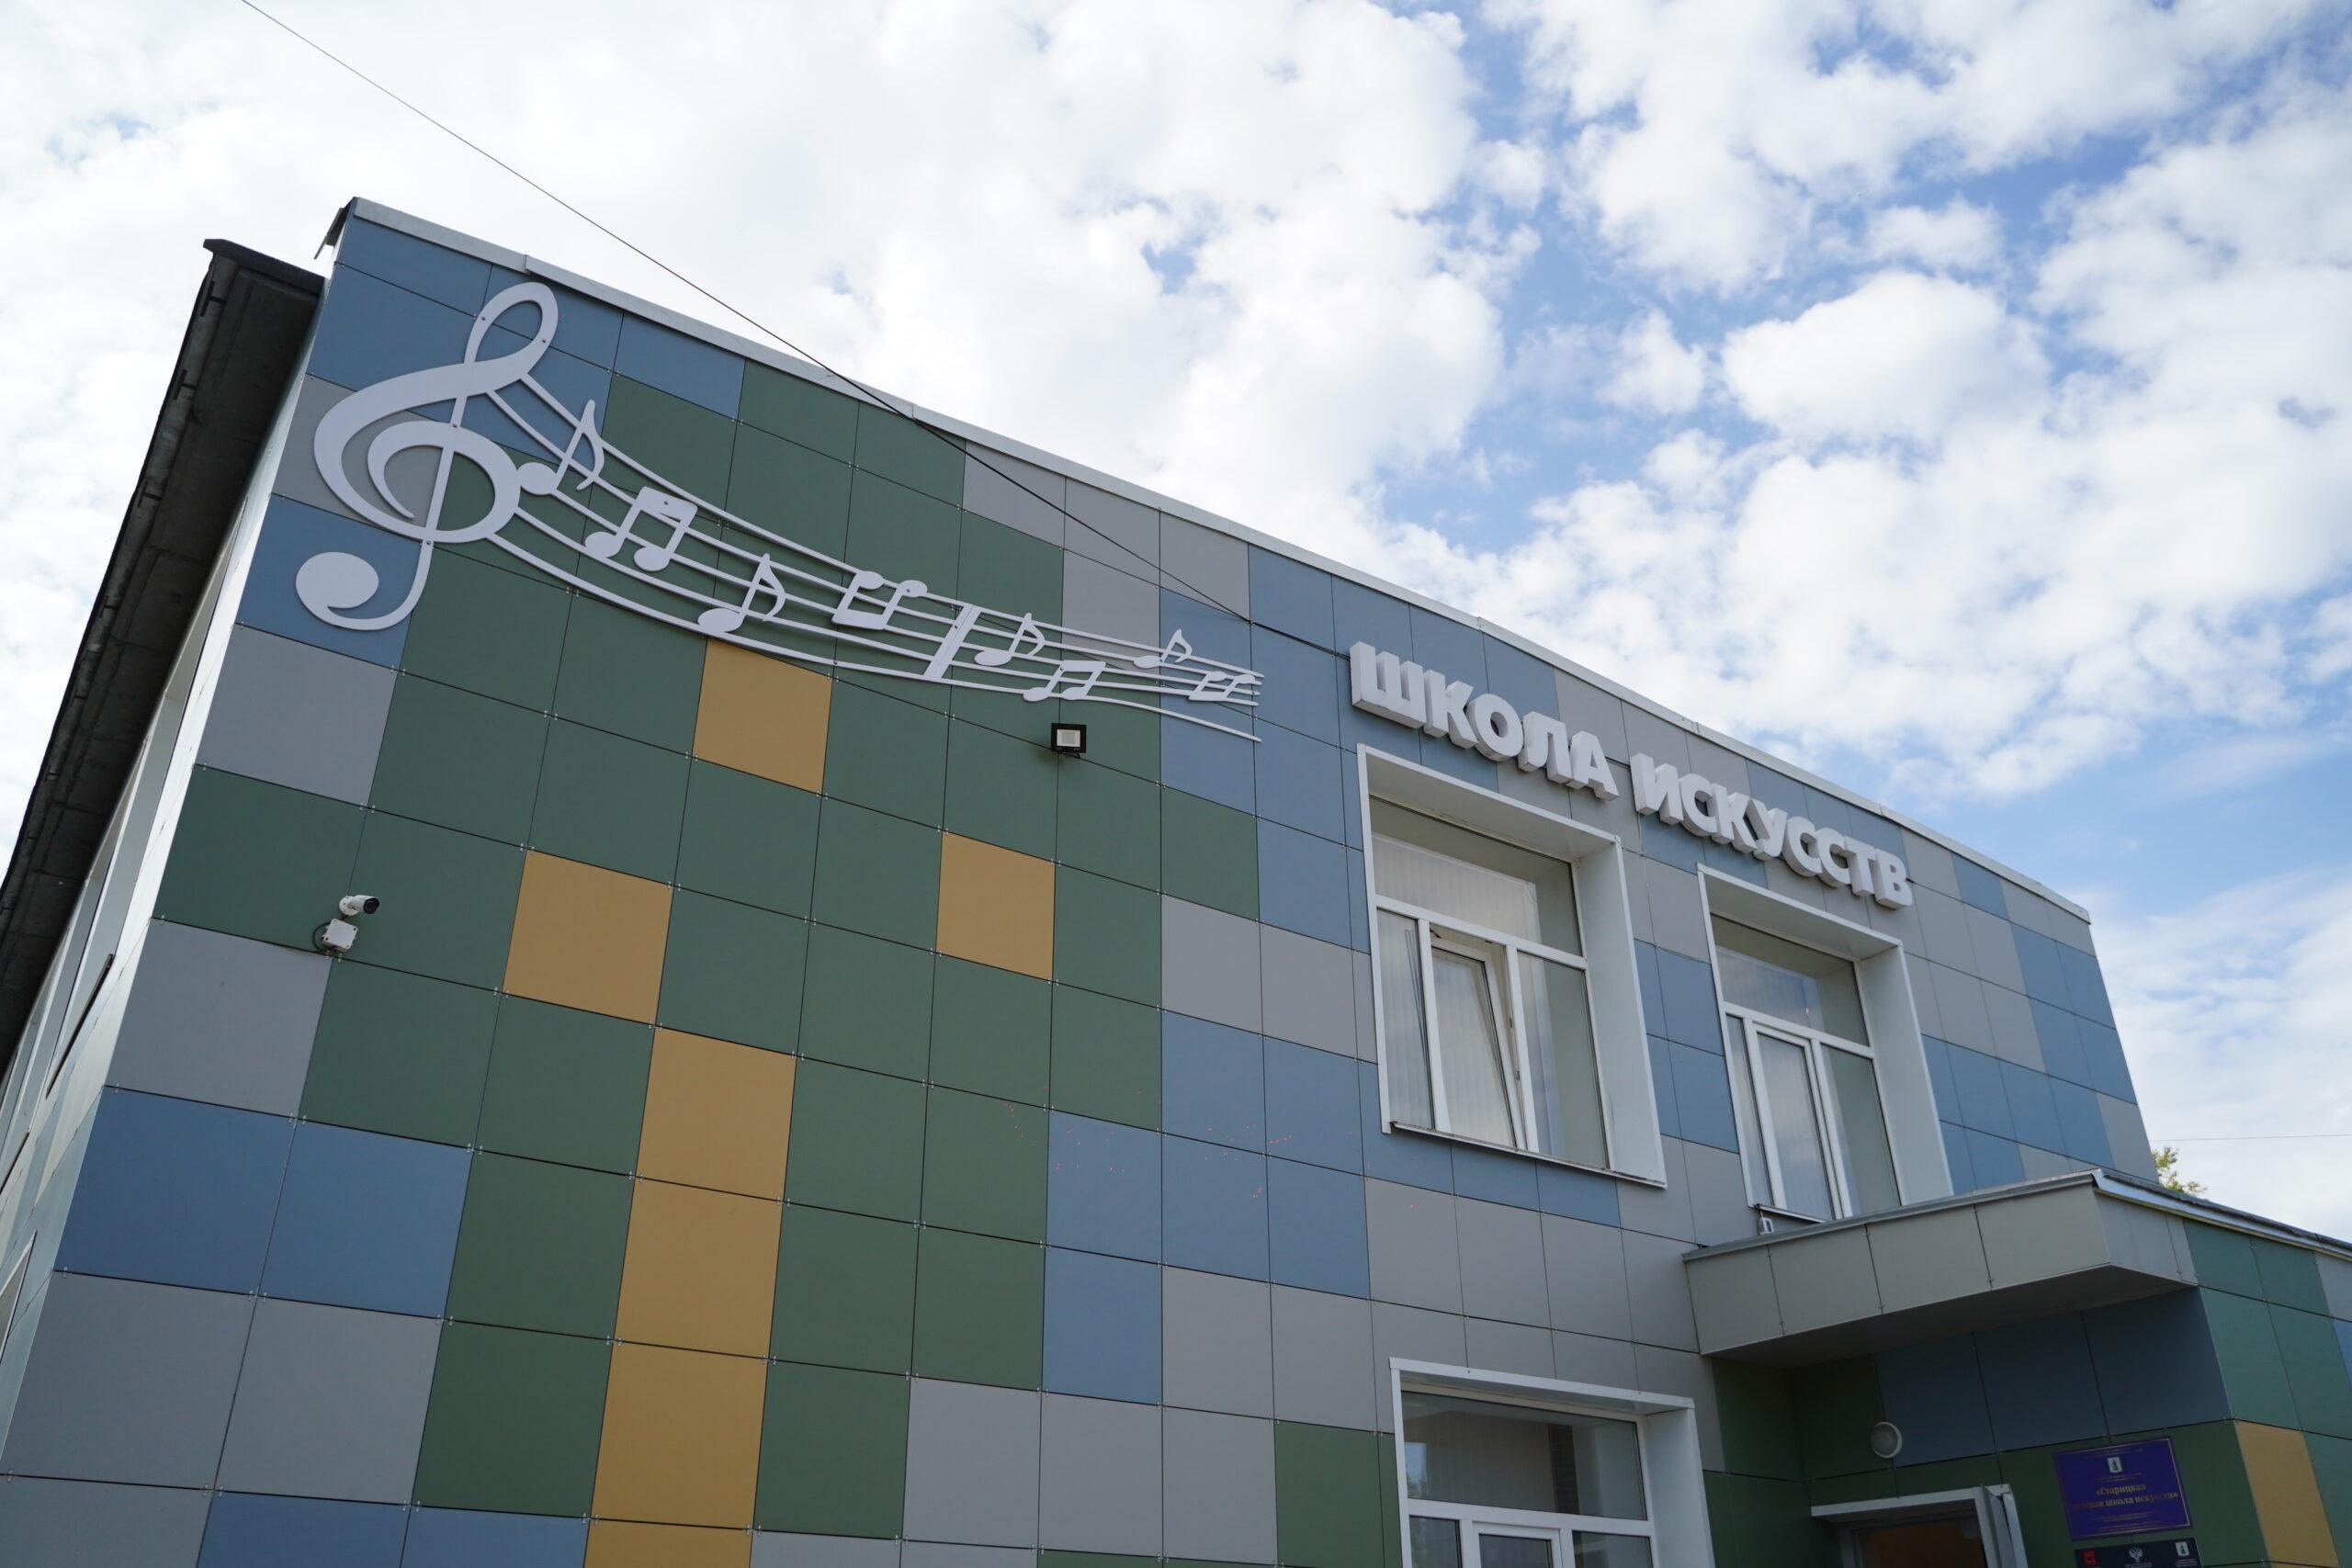 В 2022 году в Тверской области откроют новую поликлинику Старицкой ЦРБ